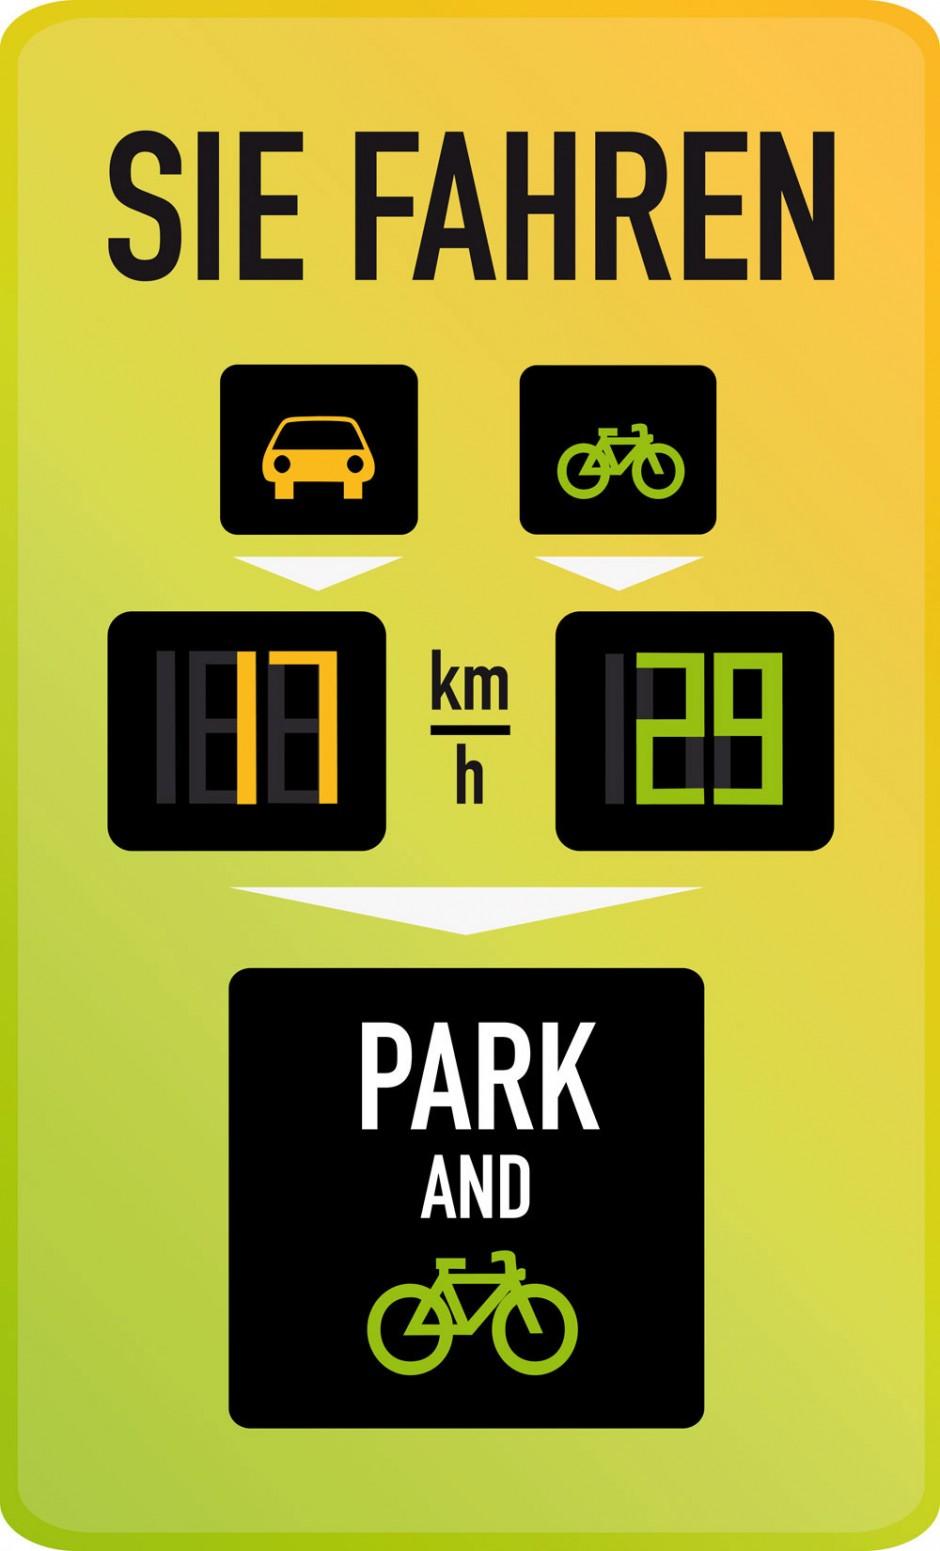 Green-Digis: Fahrradfahrer sind oft flotter unterwegs als diejenigen, die im Auto sitzen. Mit der digitalen Anzeige Green Digits will Laura Nebe den Autofahrern zeigen, dass es sich zeitlich lohnt, auf das Zweirad umzusteigen. Sie studiert an der HAWK in Hildesheim bei Carolin Taebel.